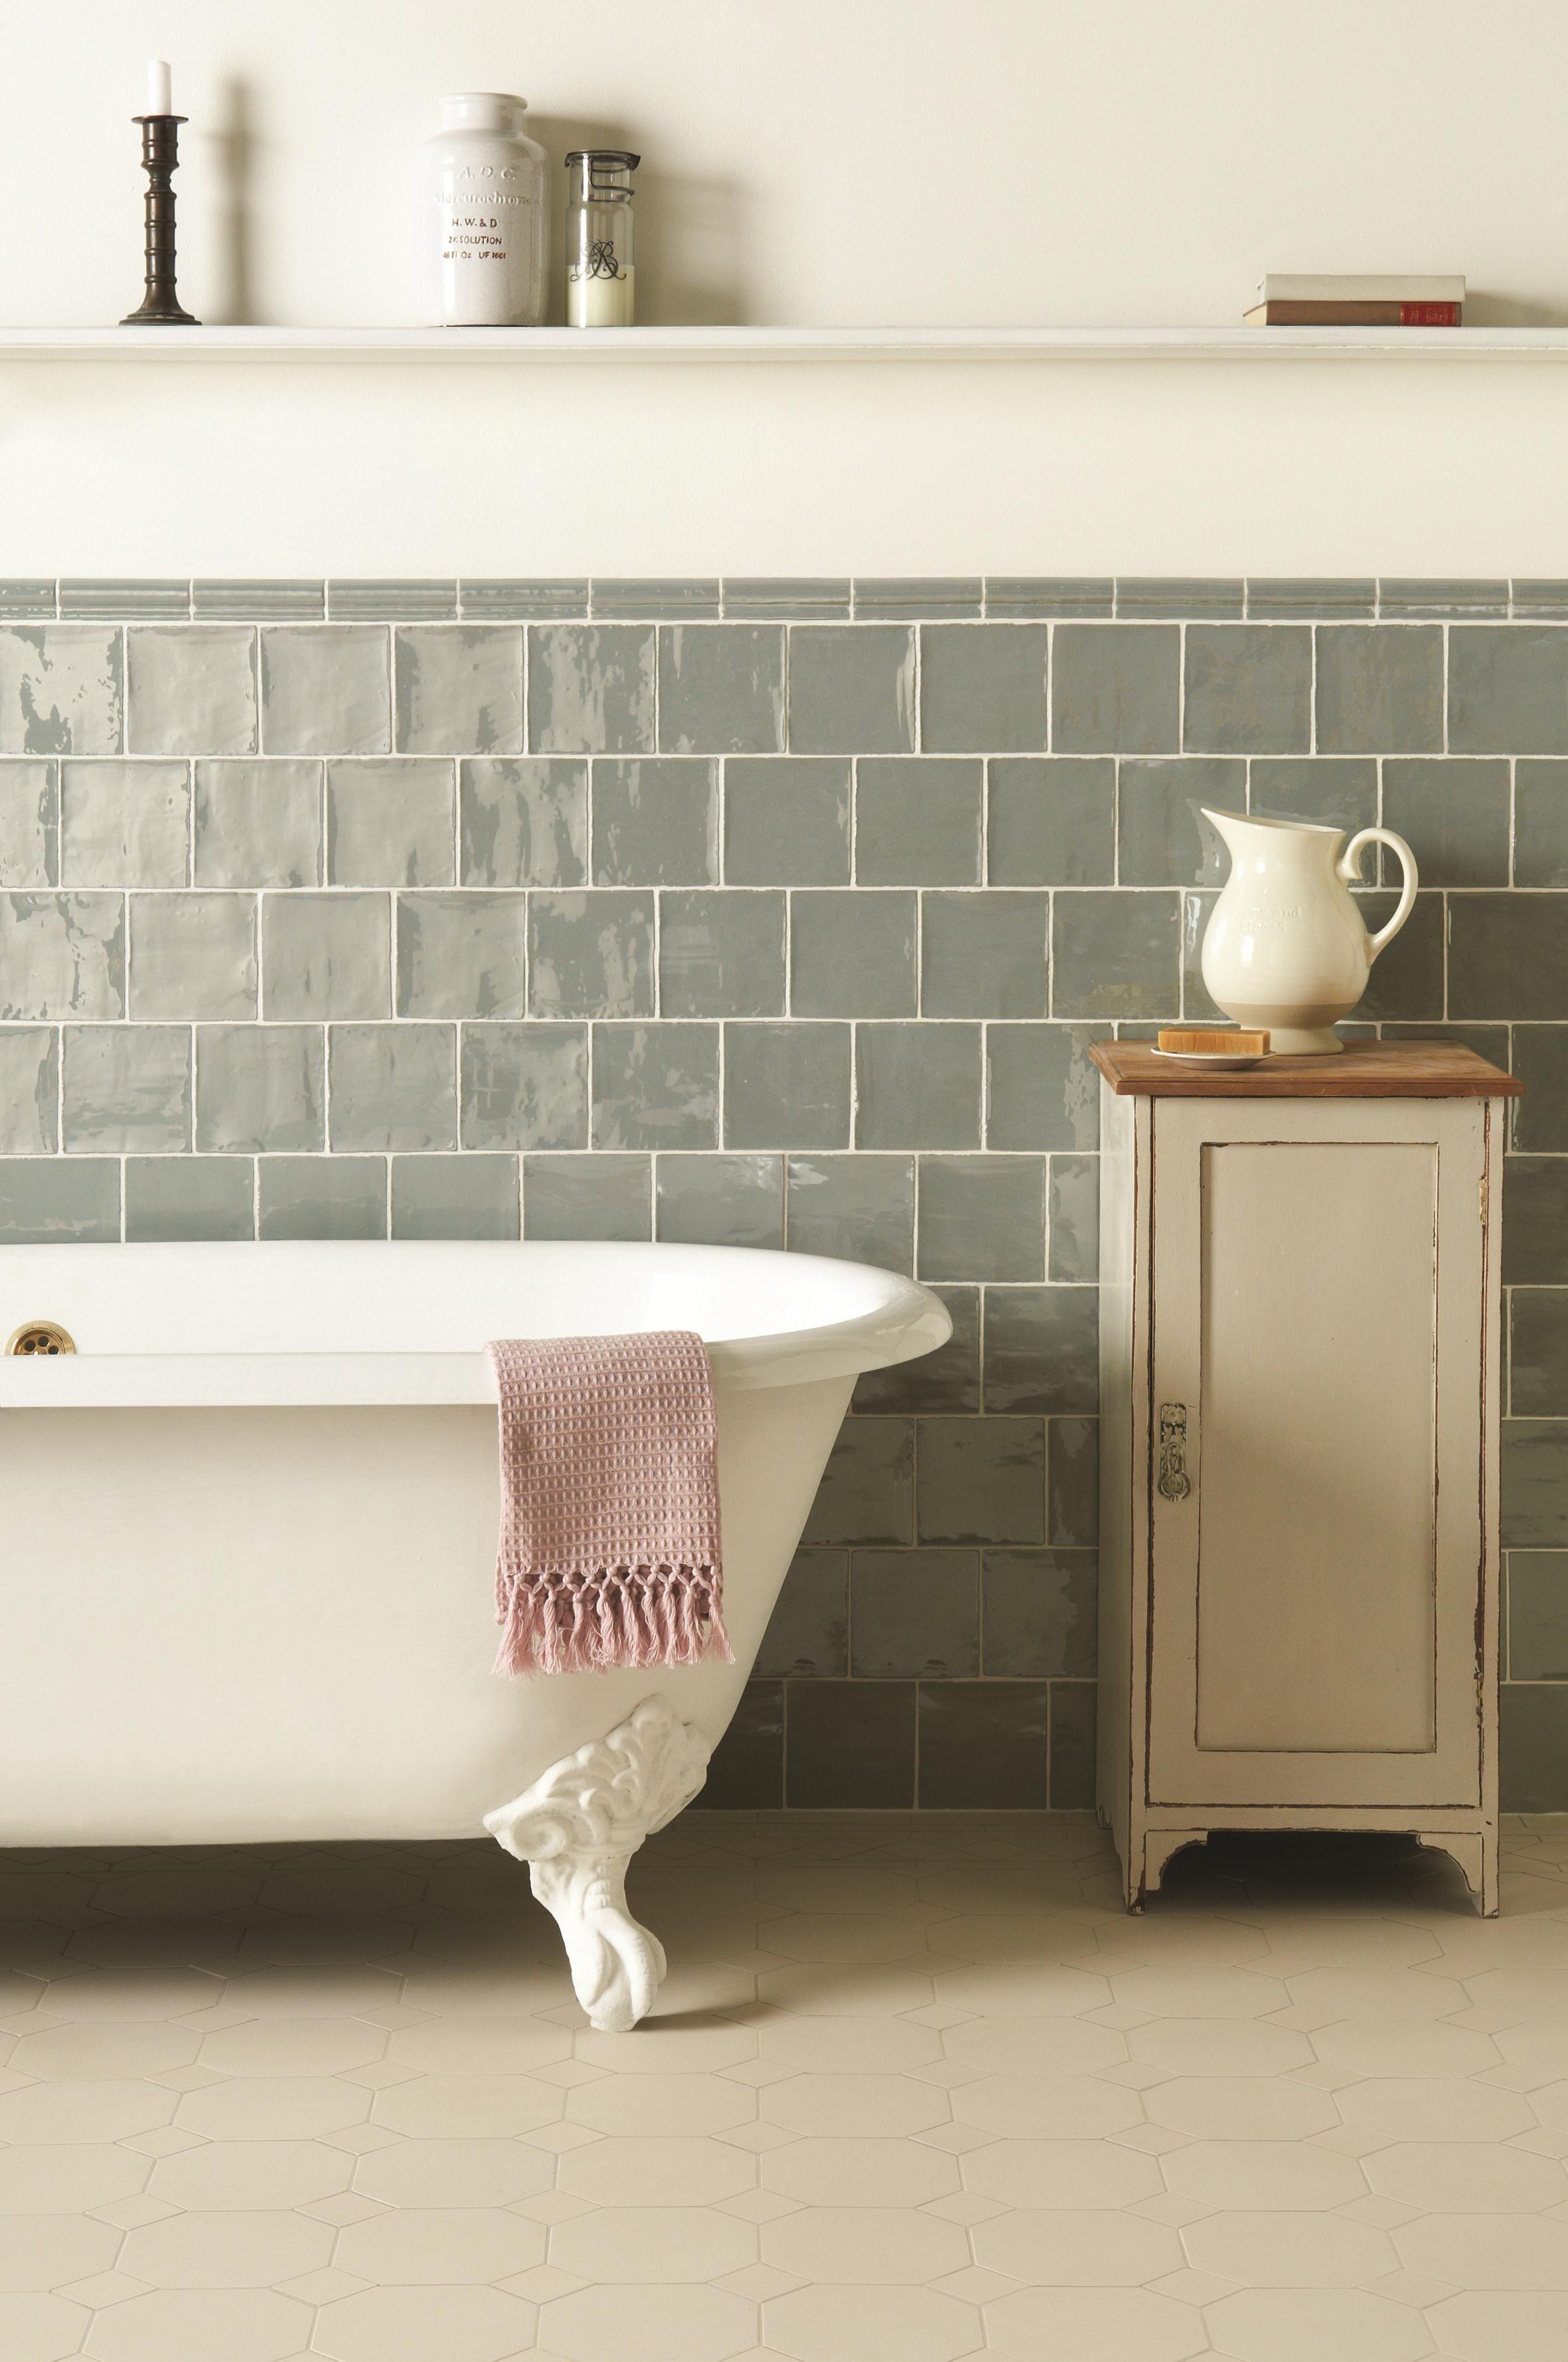 Badezimmerdesign graue fliesen everything you need to know about bathroom tile  grau fliesen und